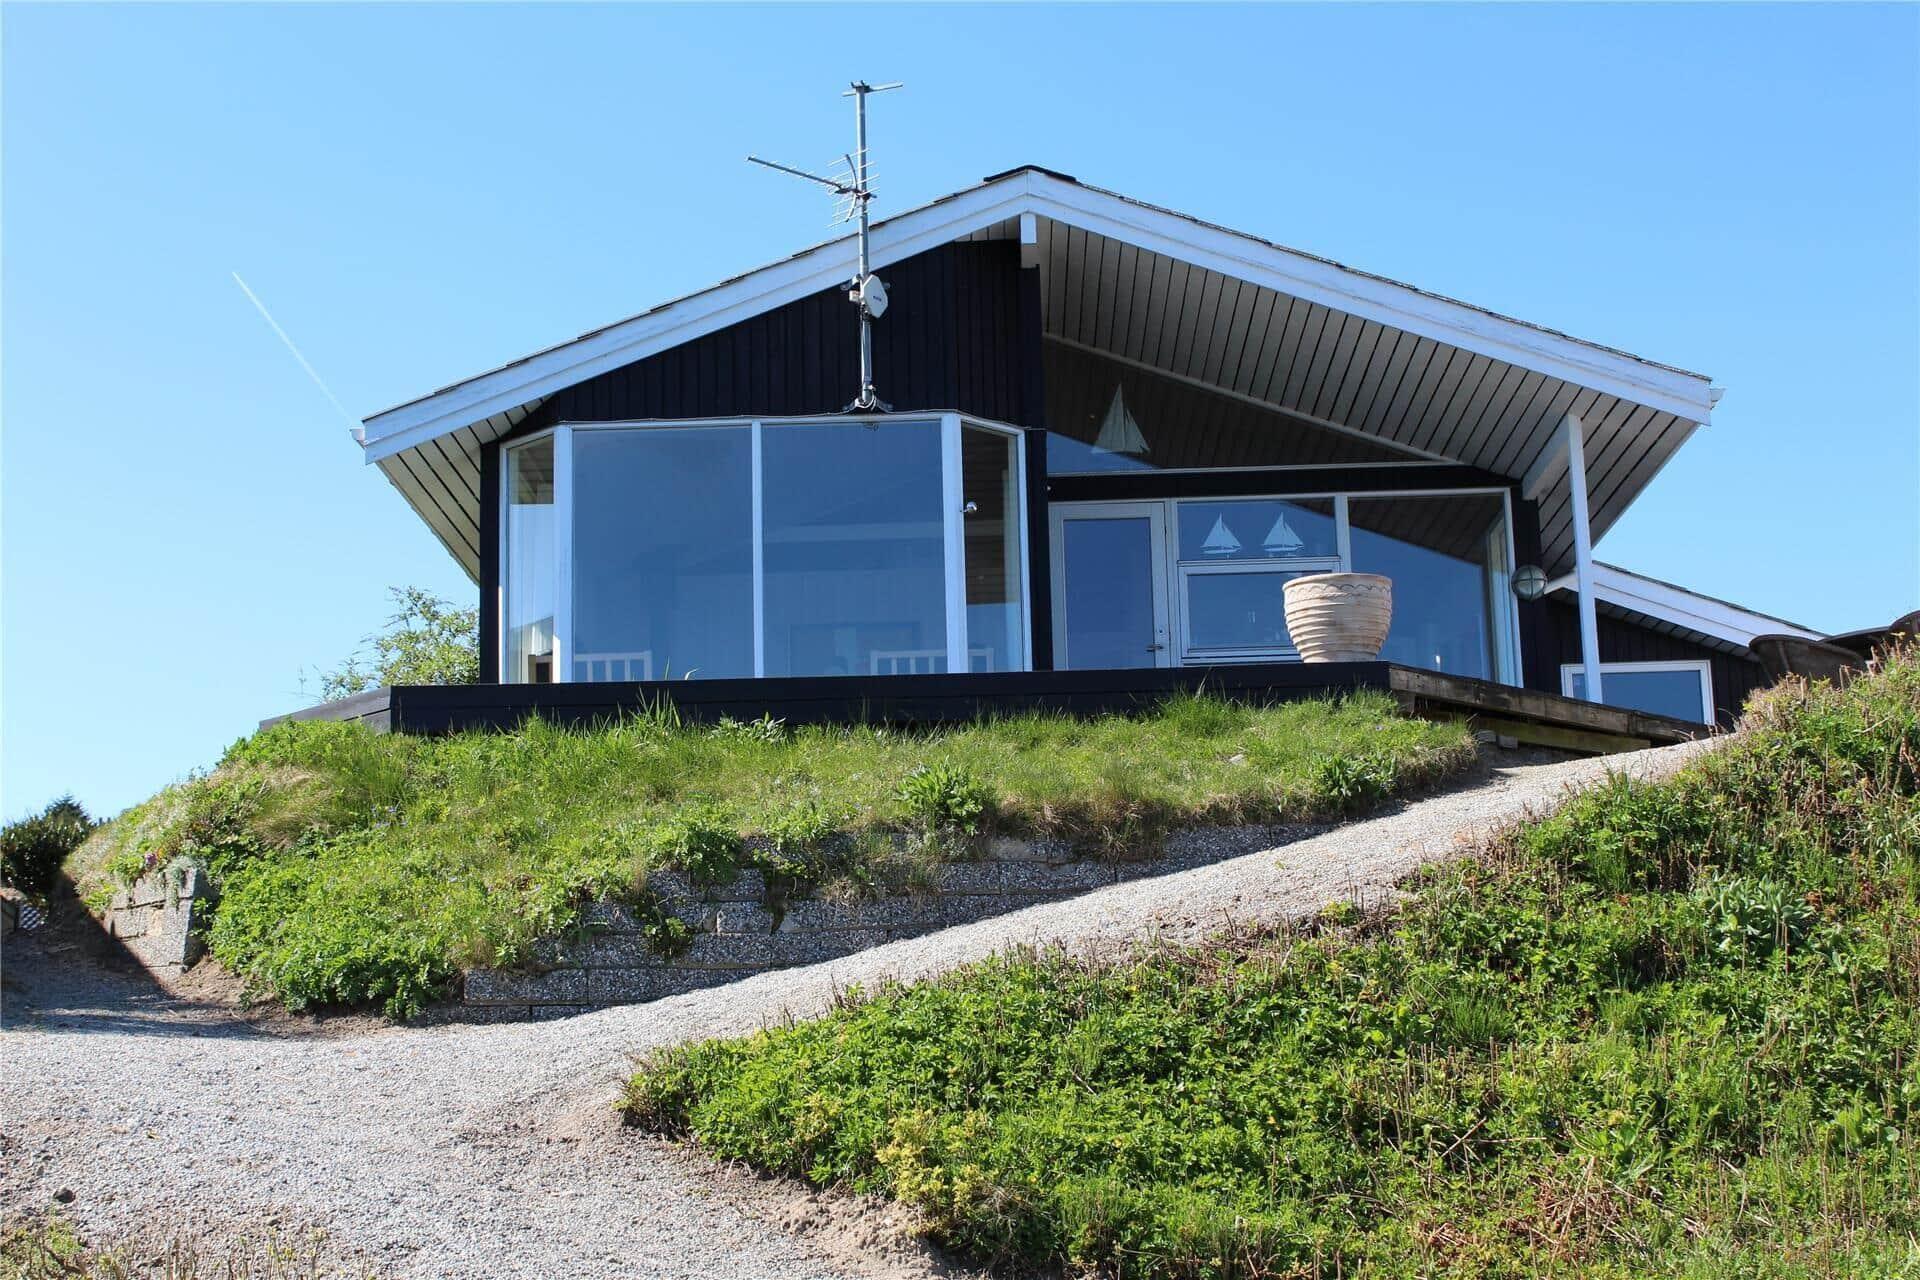 Afbeelding 1-3 Vakantiehuis F50254, Kildevej 4, DK - 7080 Børkop